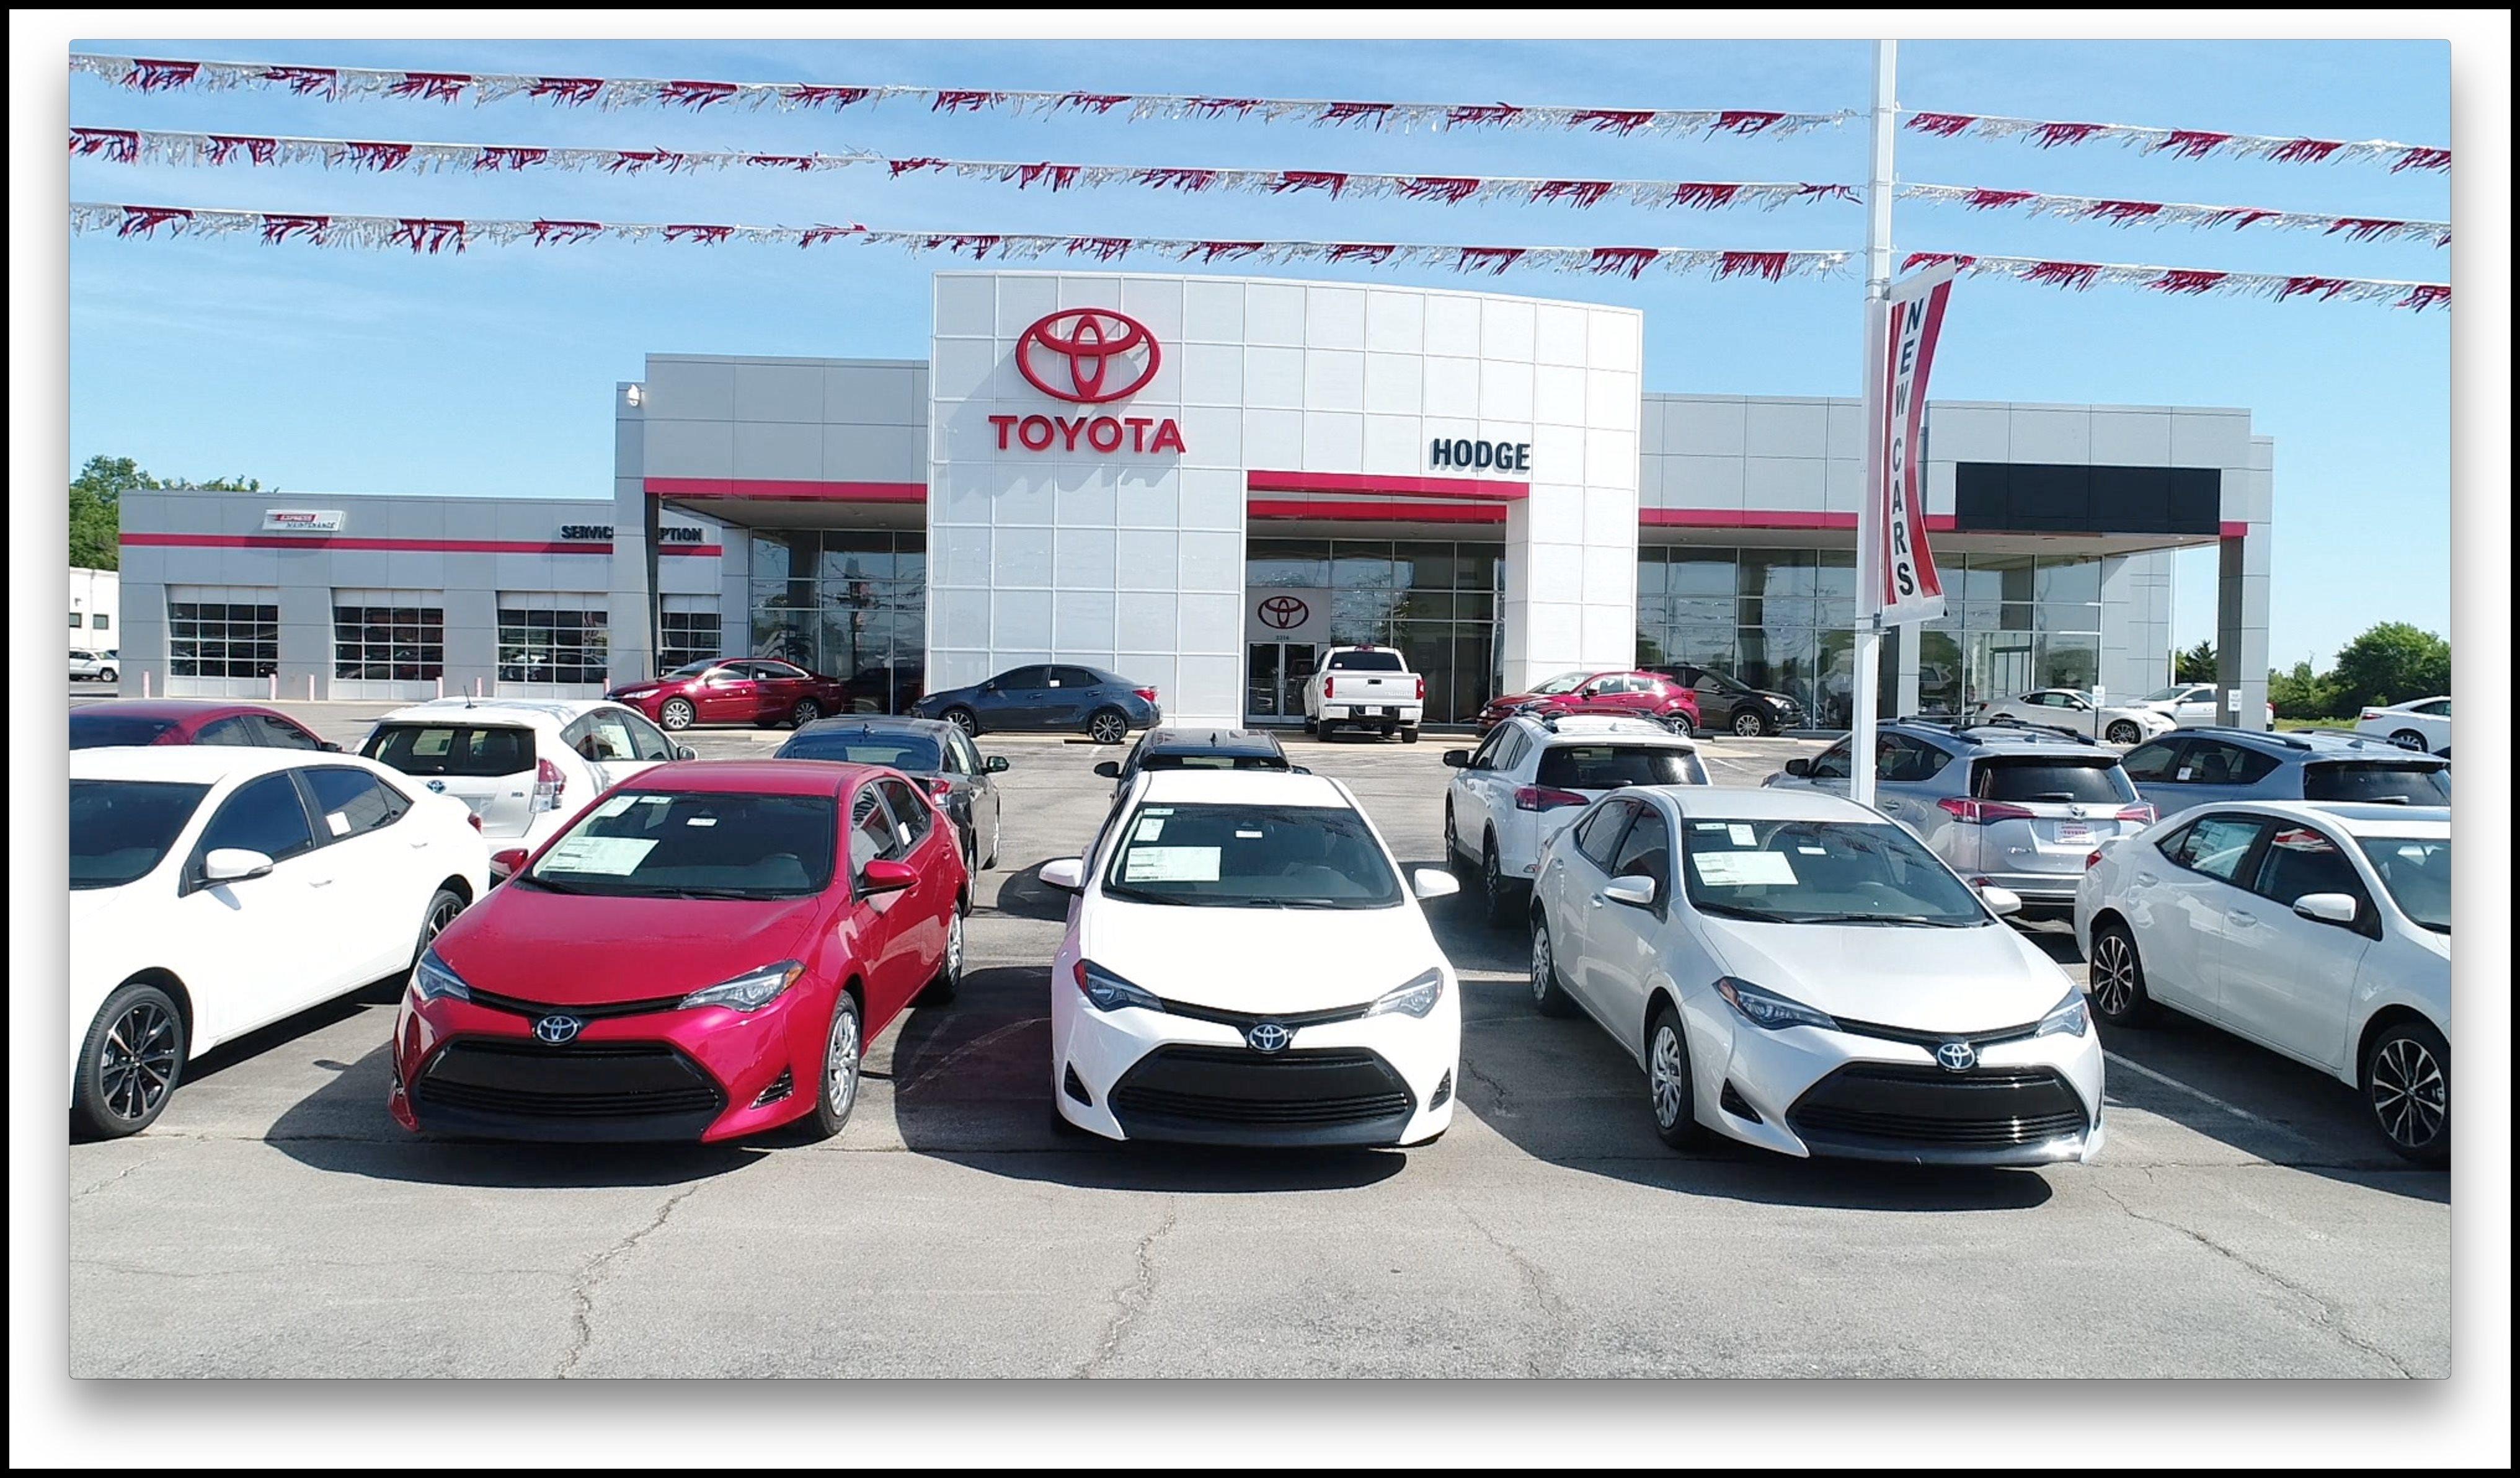 James Hodge Toyota